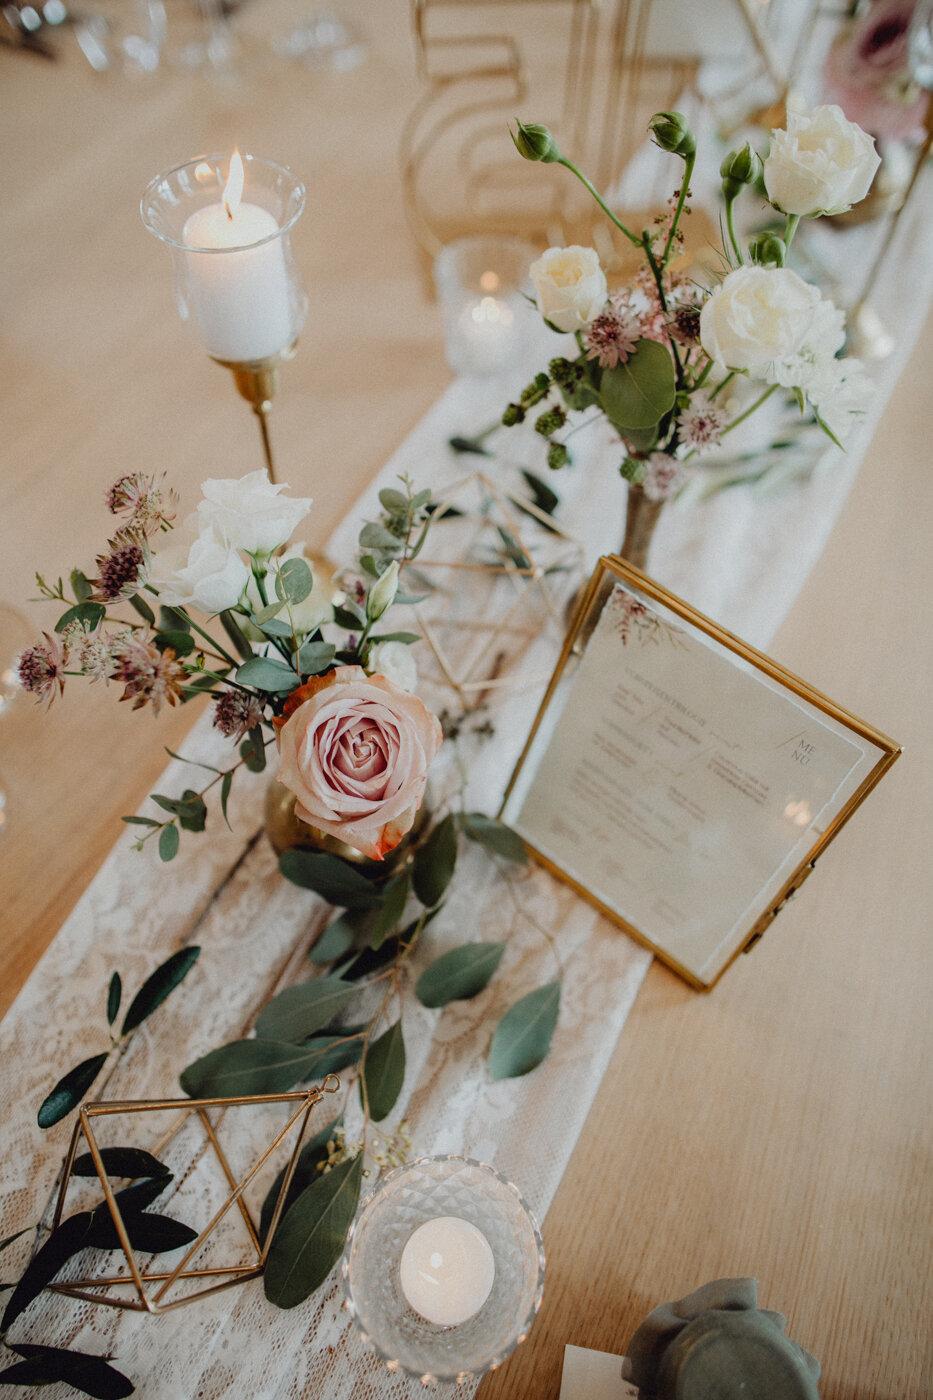 rosemarrylemon_lh_Hochzeitsdekoration.jpg